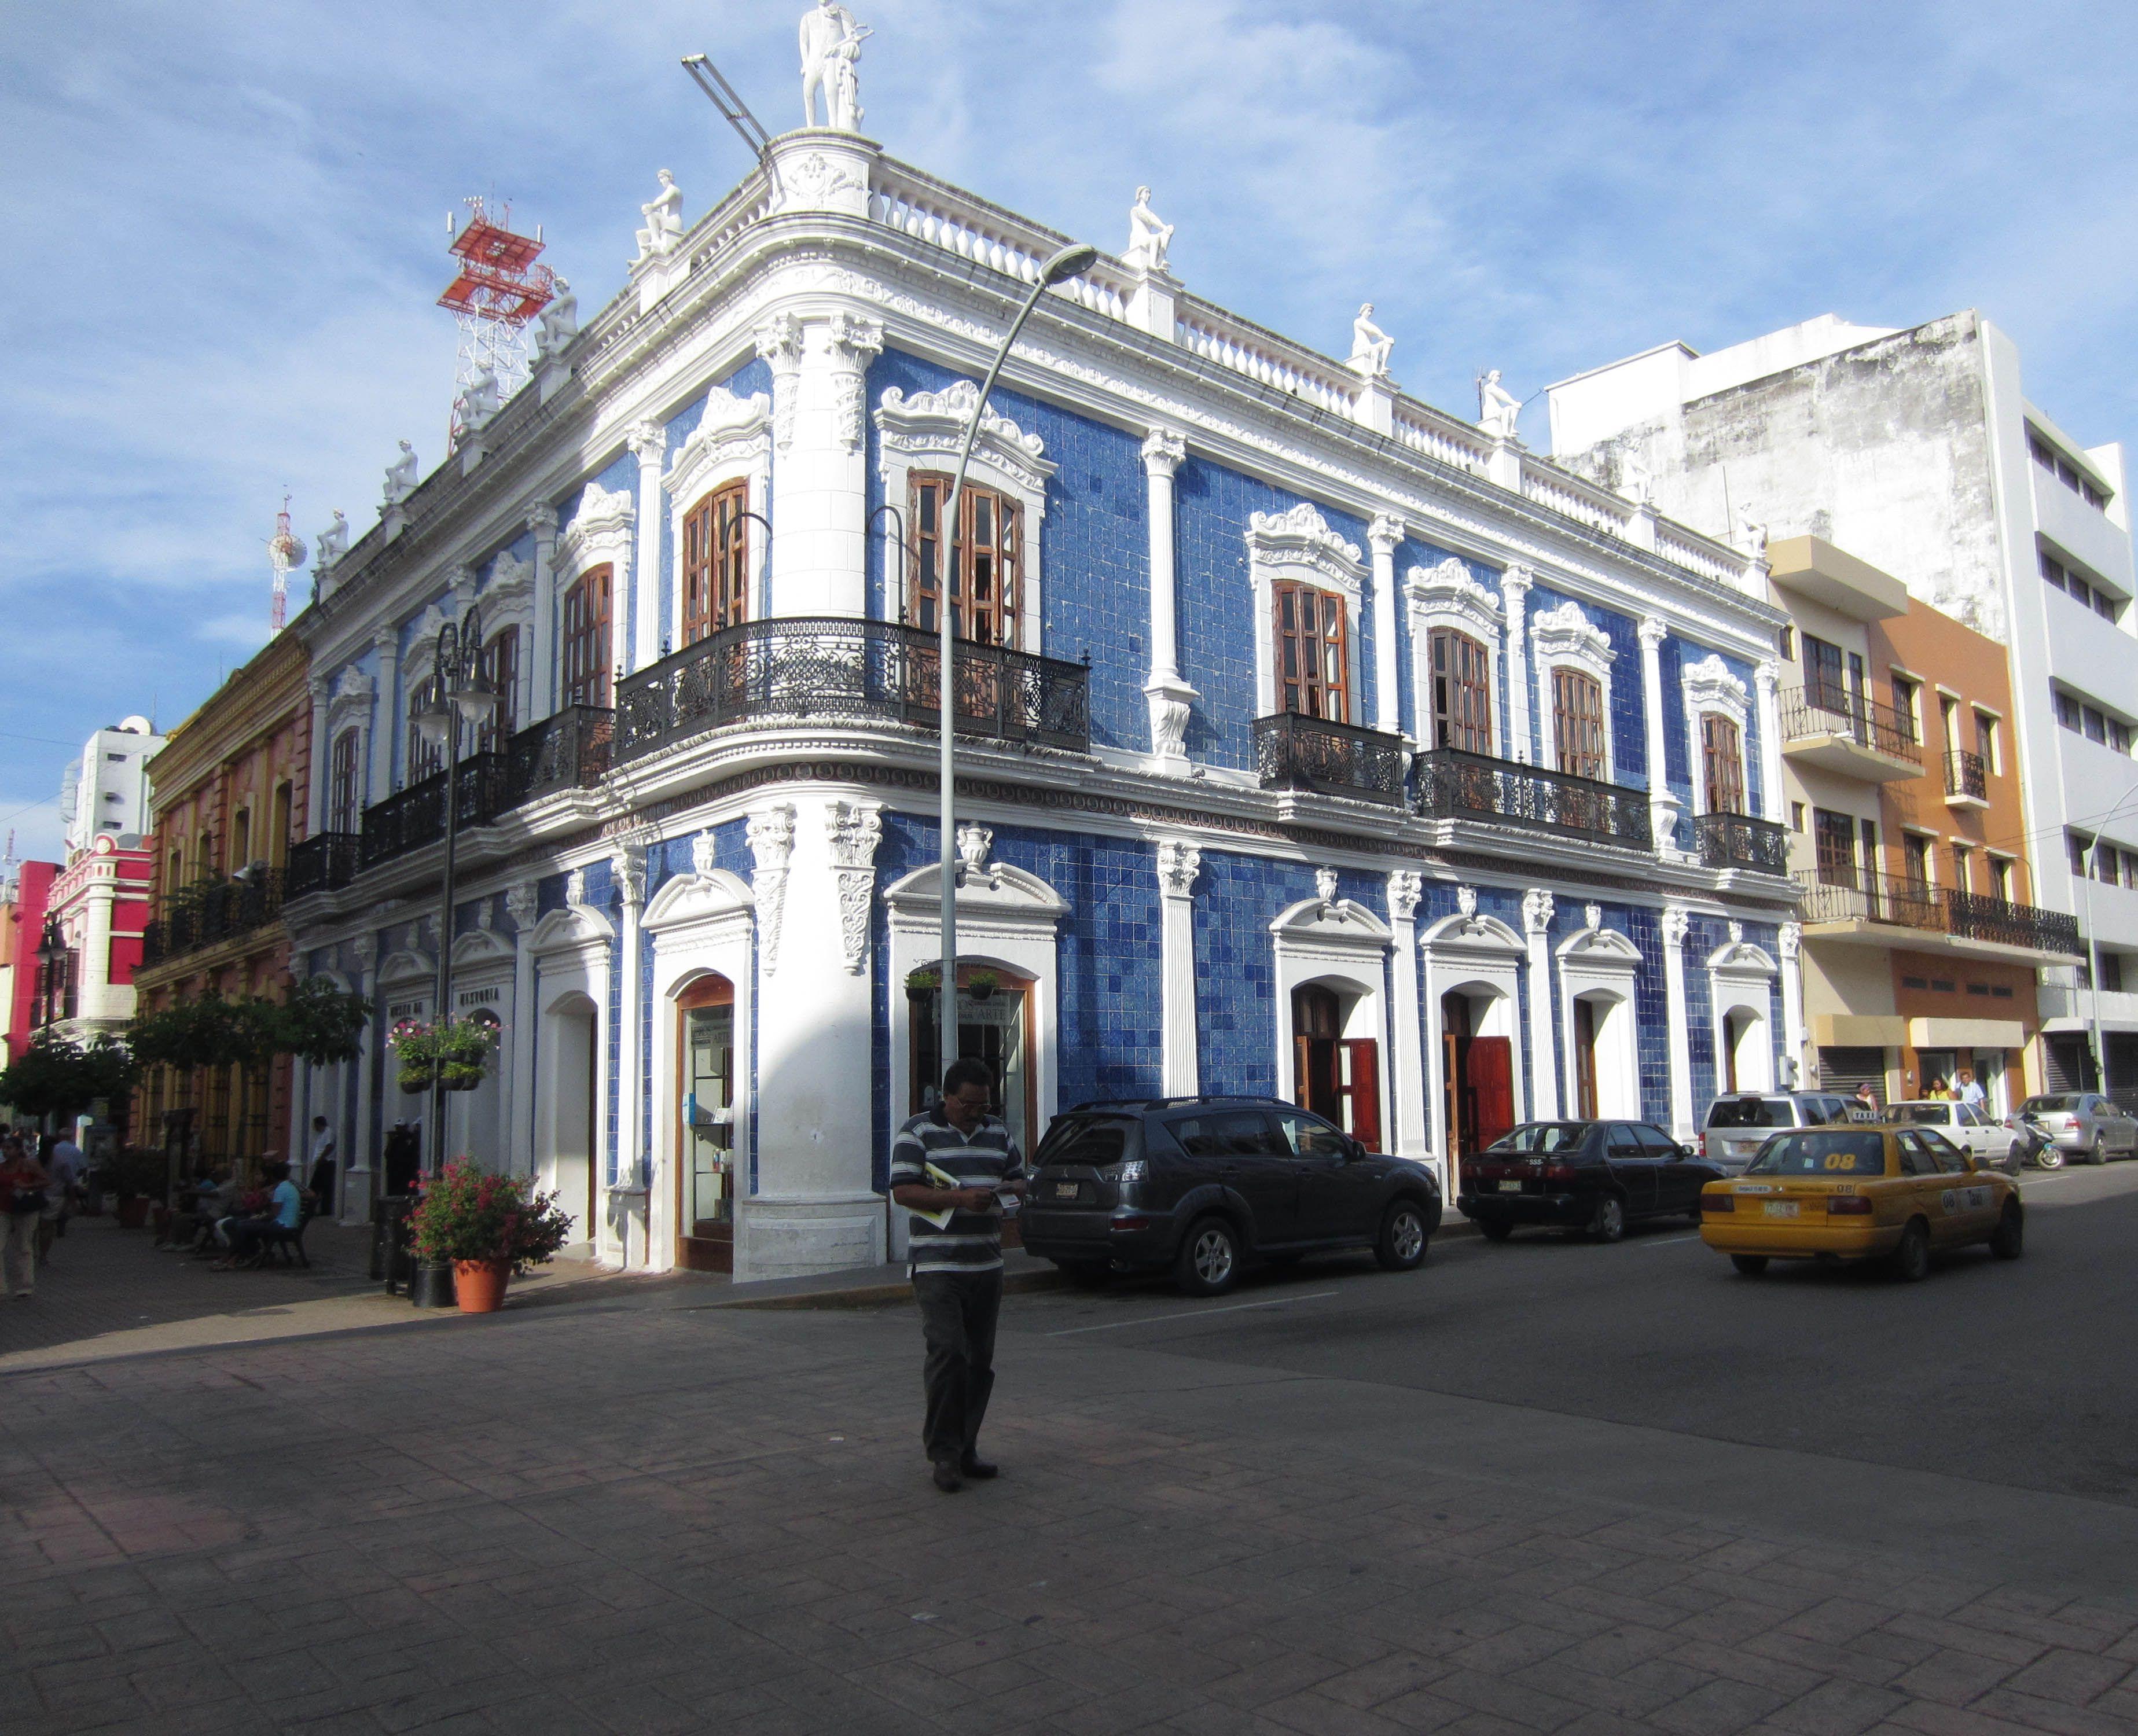 Museo de historia de tabasco casa de los azulejos regla for Casa de azulejos